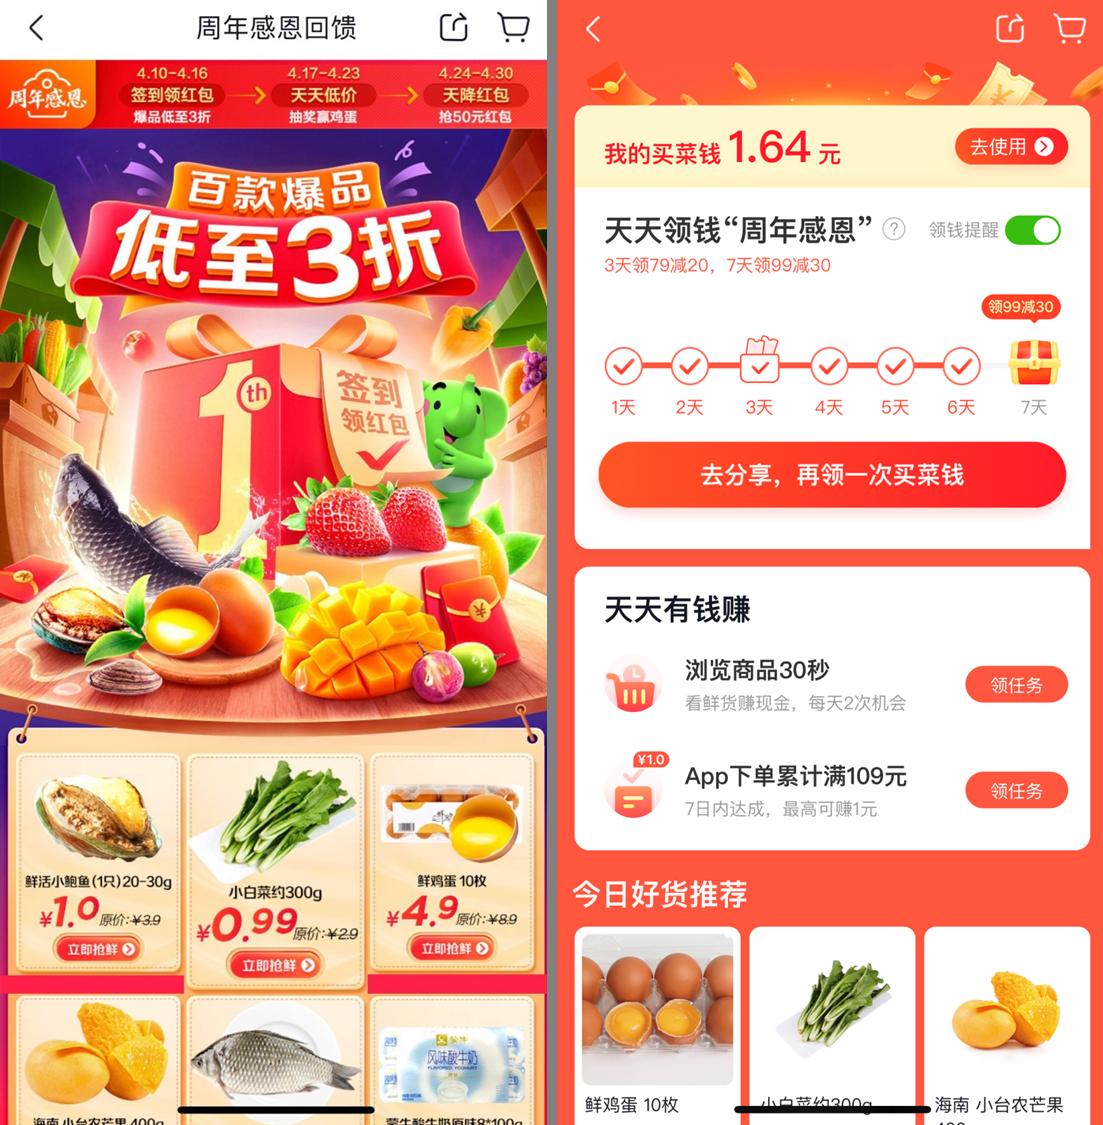 [北京]美团买菜北京开启周年感恩回馈 满足市民多元消费需求,